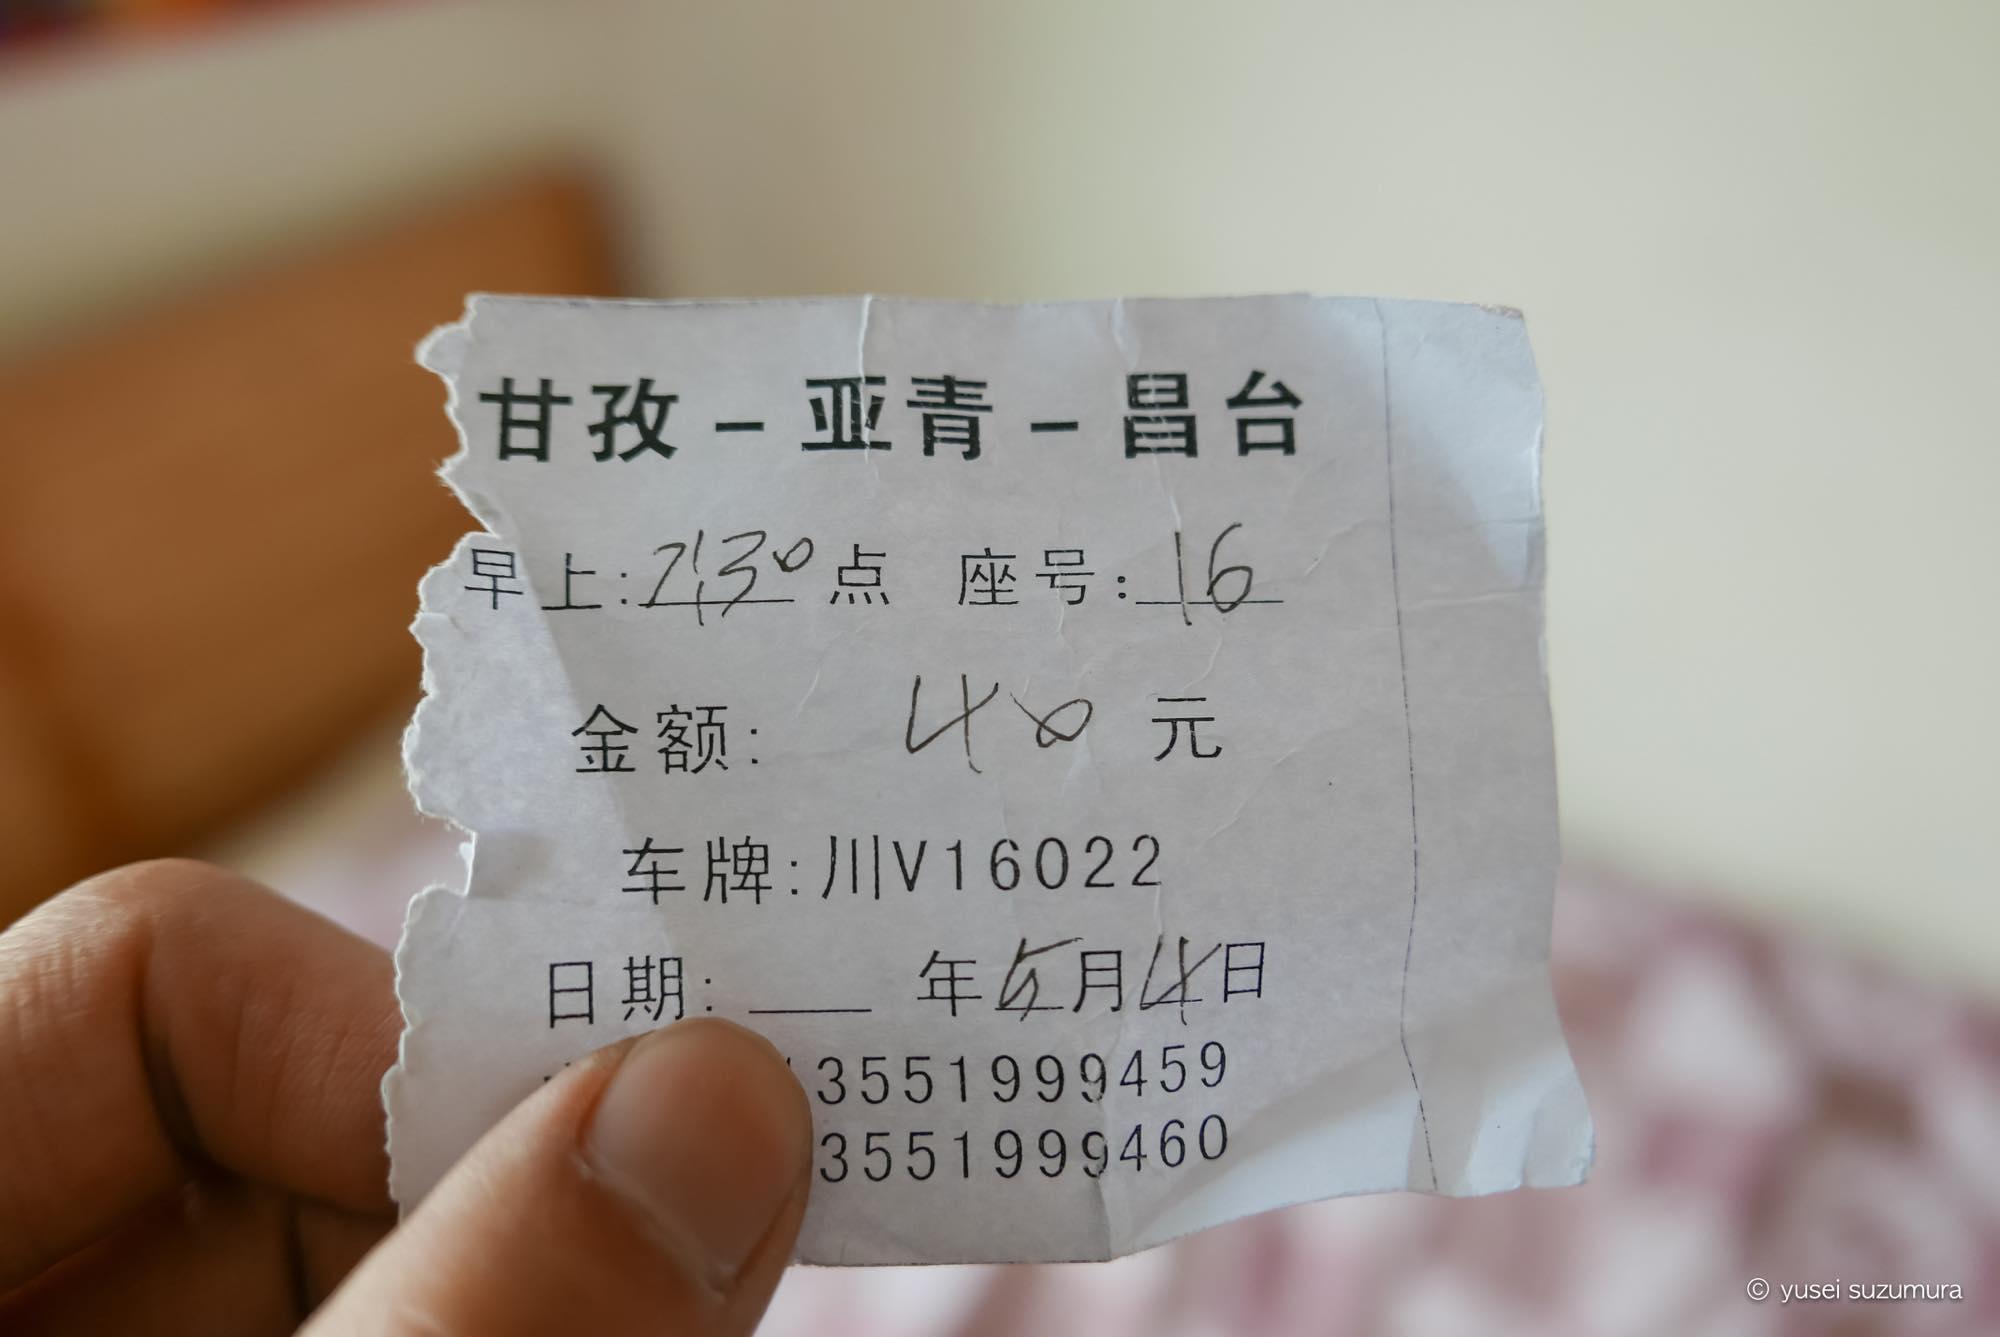 アチェンガルゴンパ行きのチケット